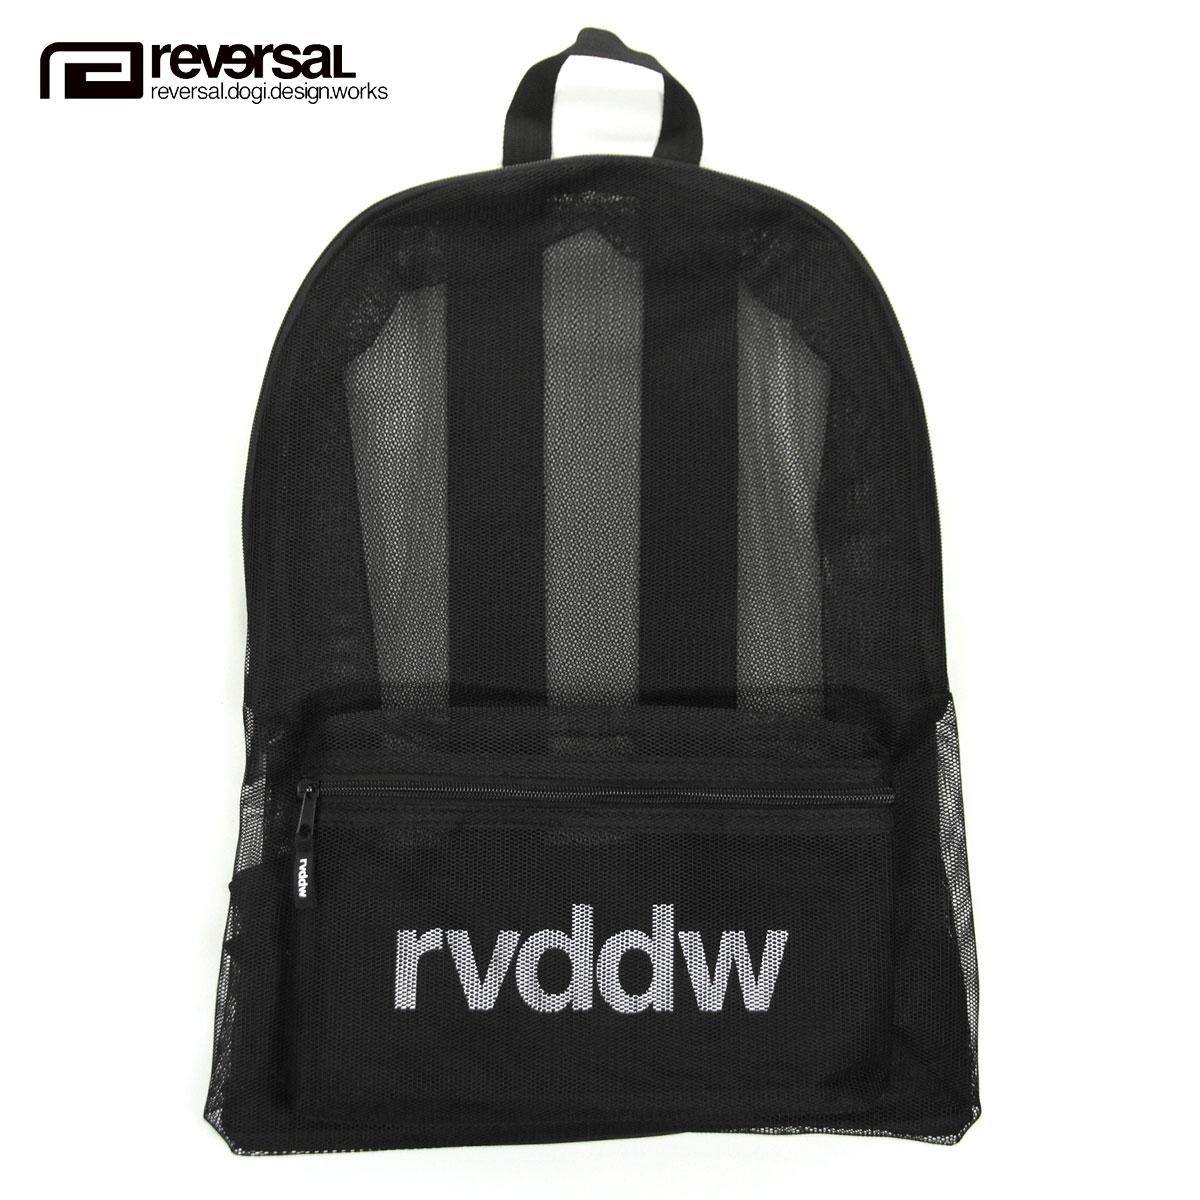 リバーサル バックパック メンズ レディース 正規販売店 REVERSAL リュックサック バッグ rvddw MESH BACK PACK rv20ss706 BLACK 父の日